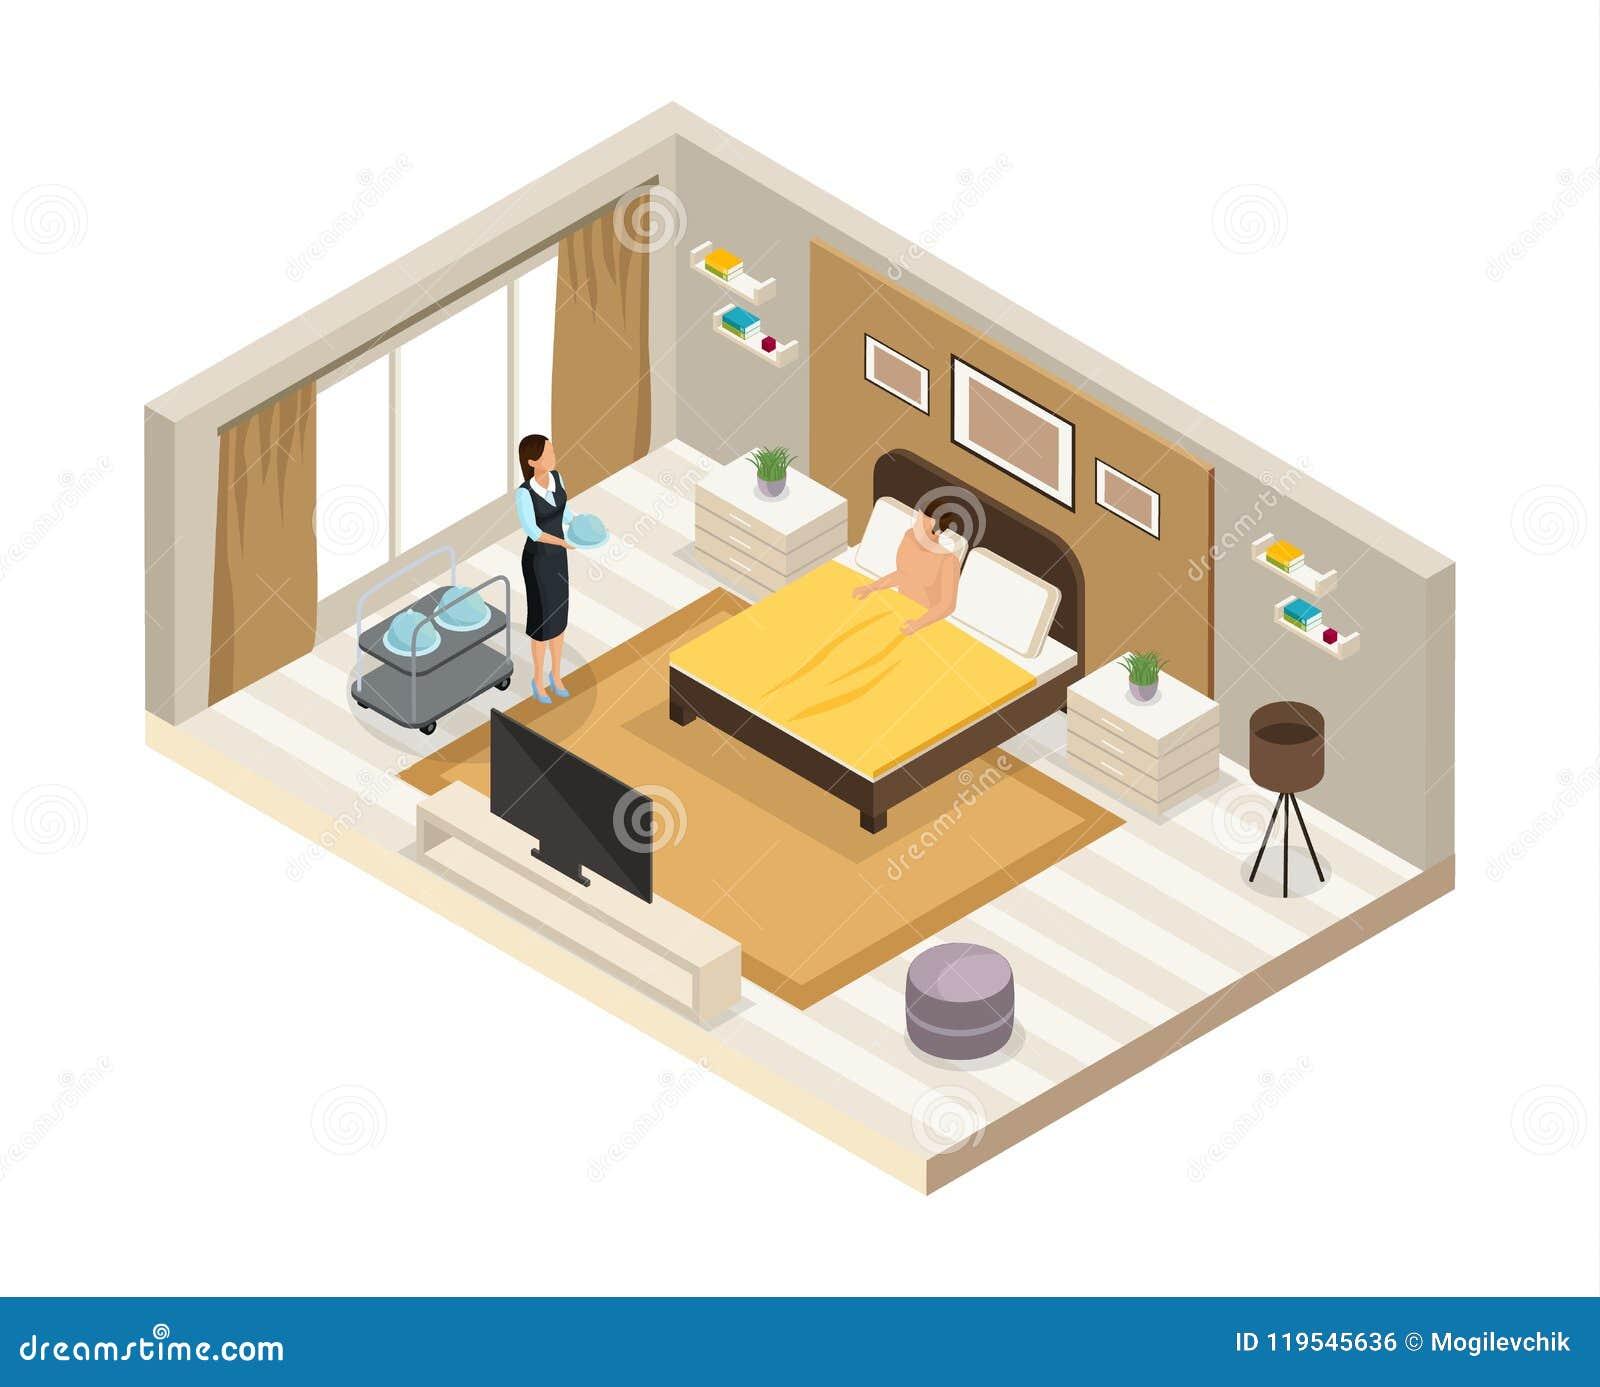 Concept isométrique de service hôtelier de petit déjeuner